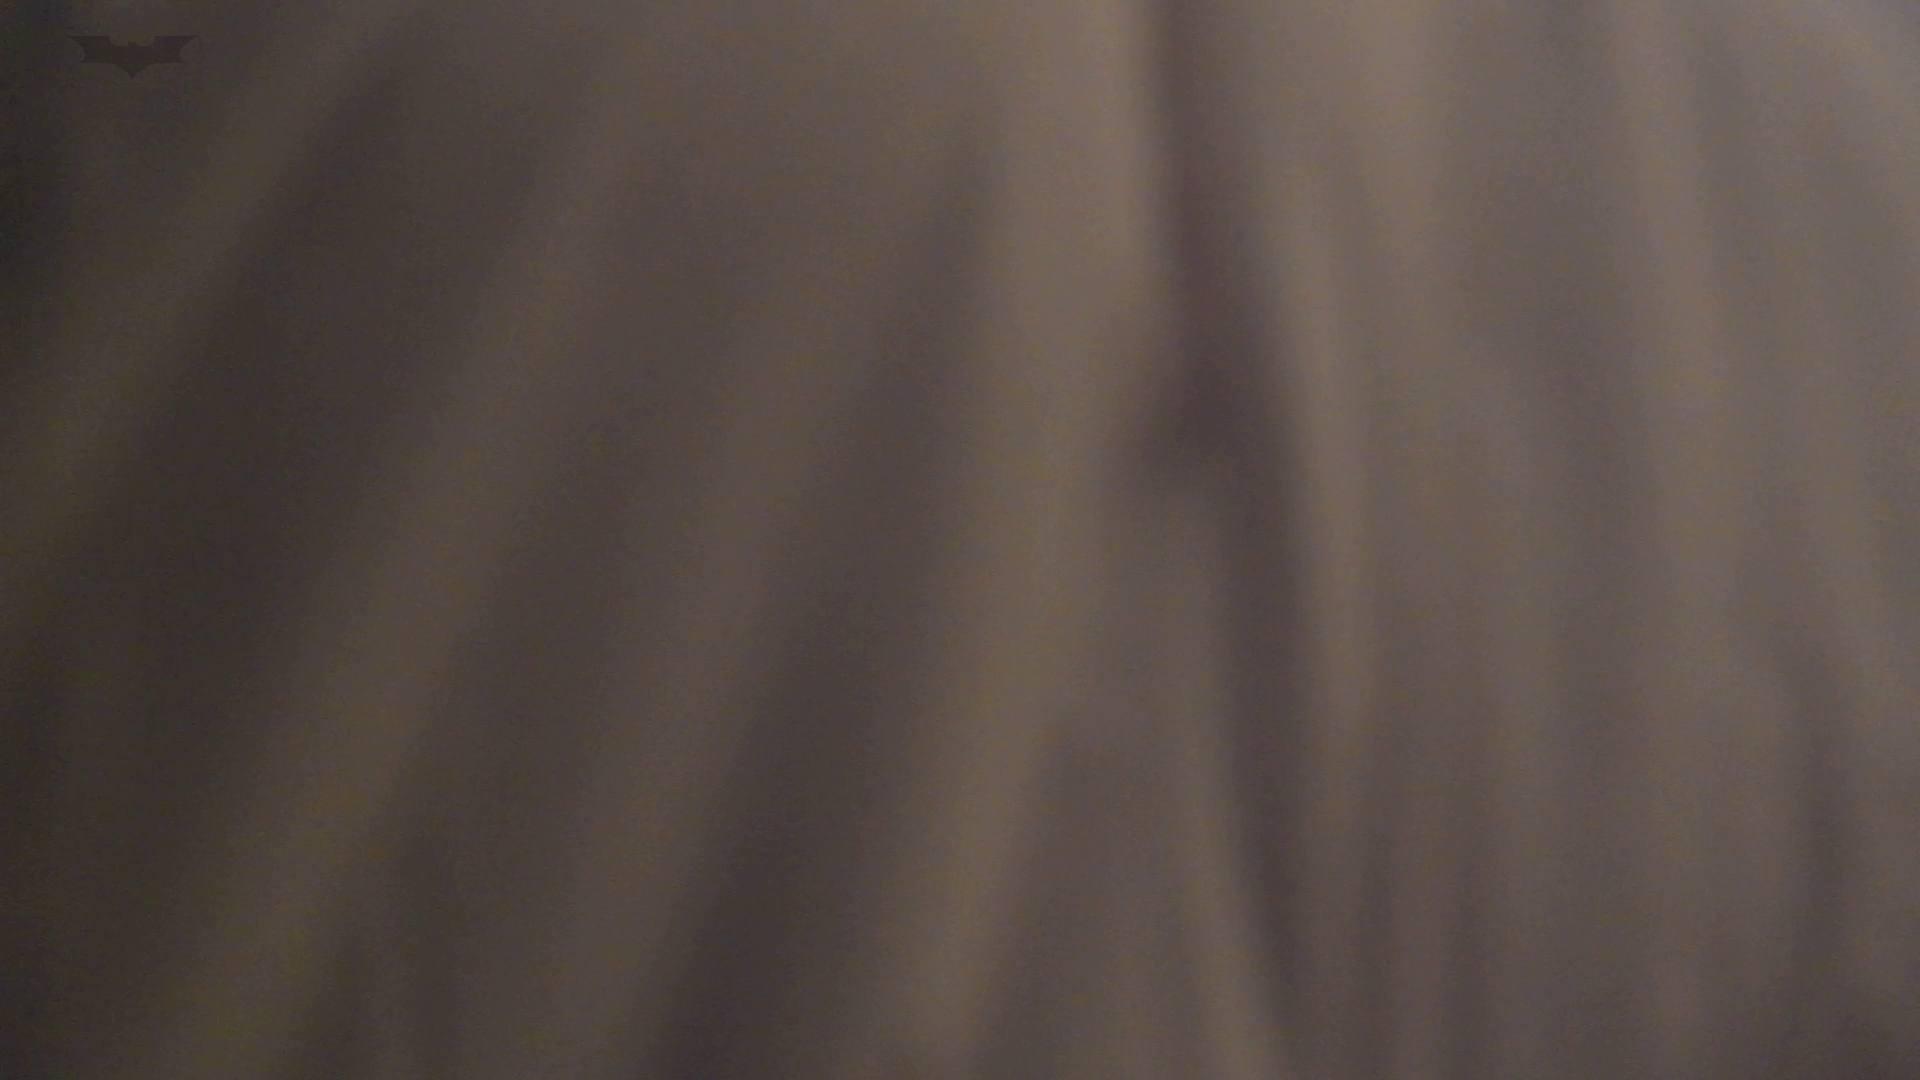 ヒトニアラヅNo.03 実行 覗き セックス無修正動画無料 77pic 4